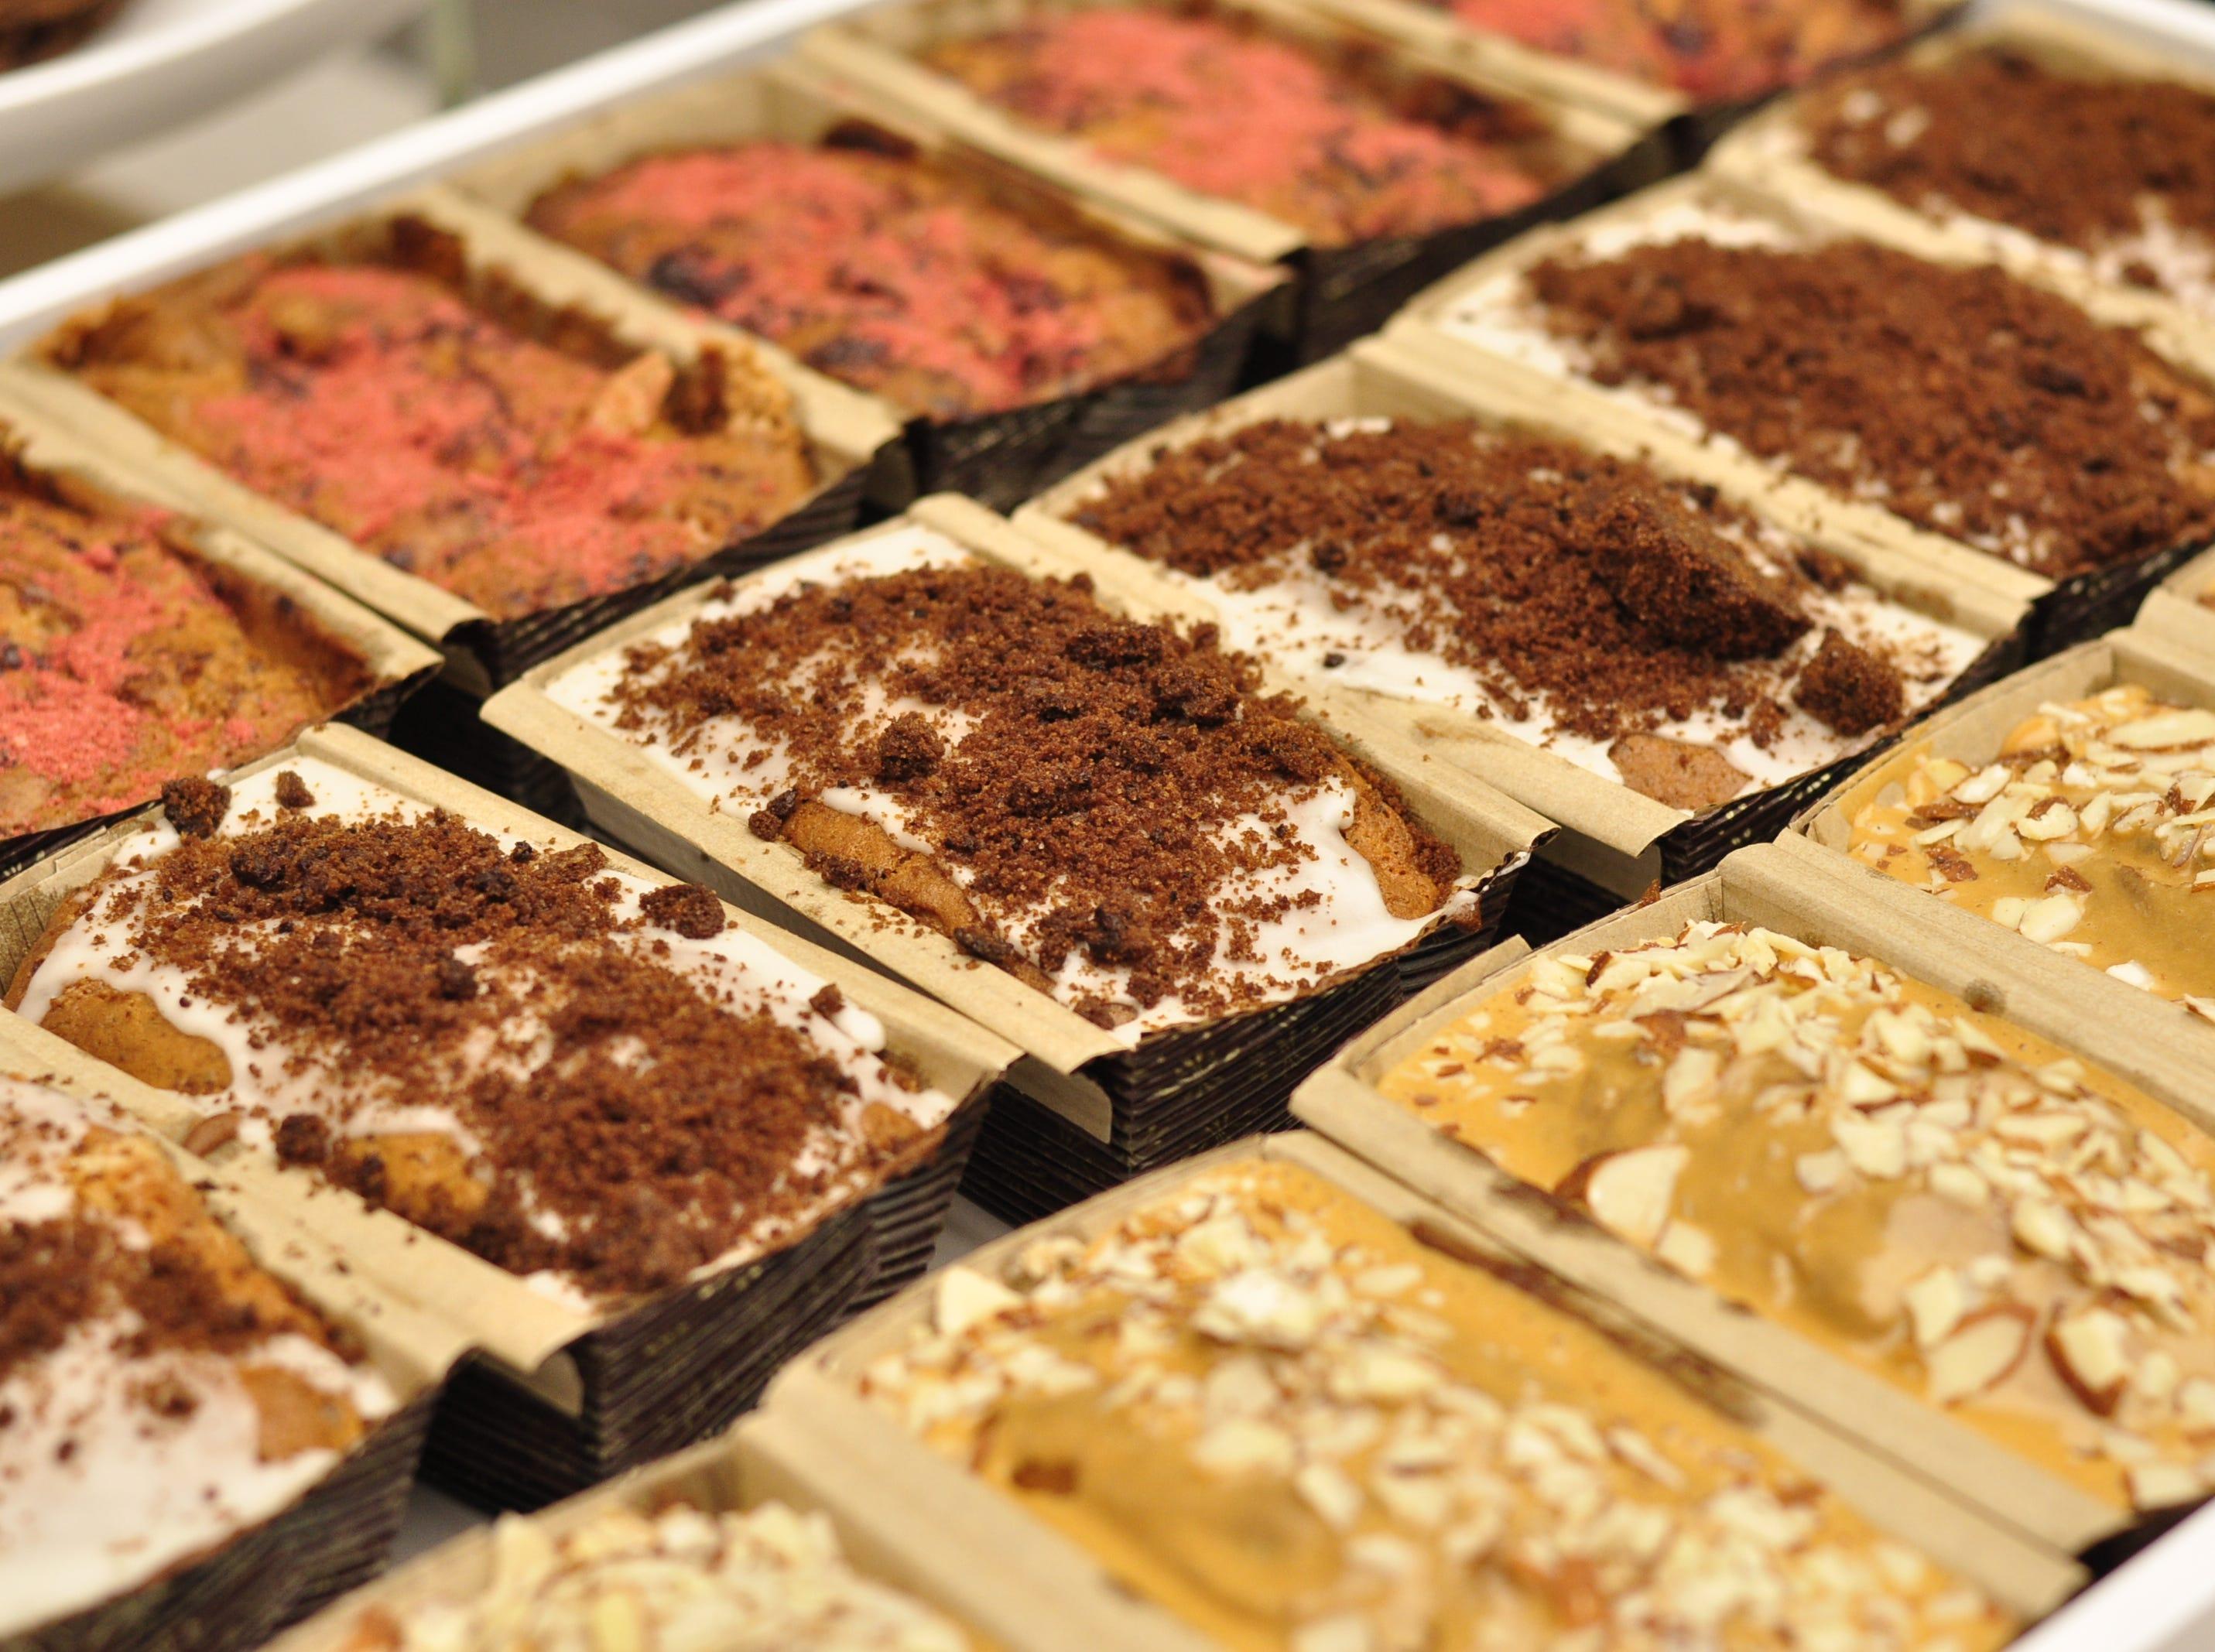 Poundcakes from Honeybell Bakery at Bell Market in Holmdel.